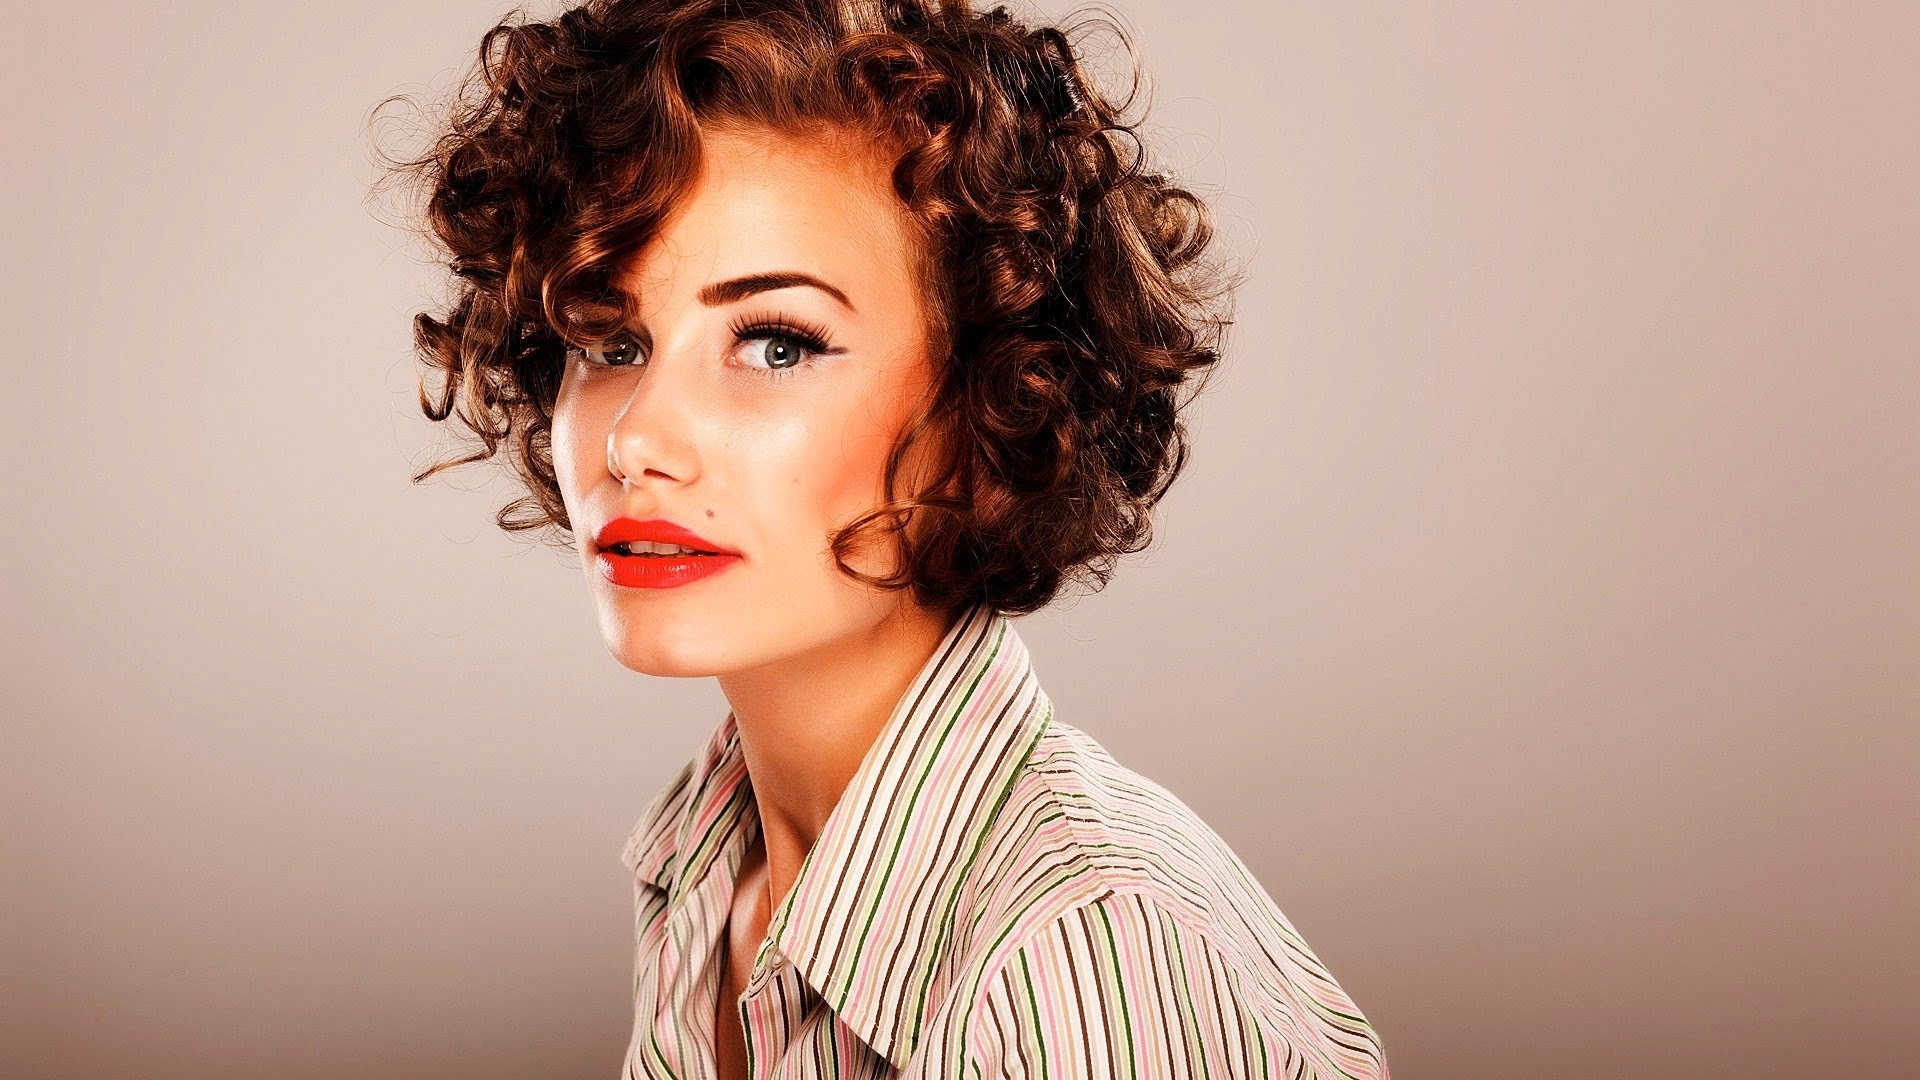 макияж для узких глаз и нависшего века пошаговое фото